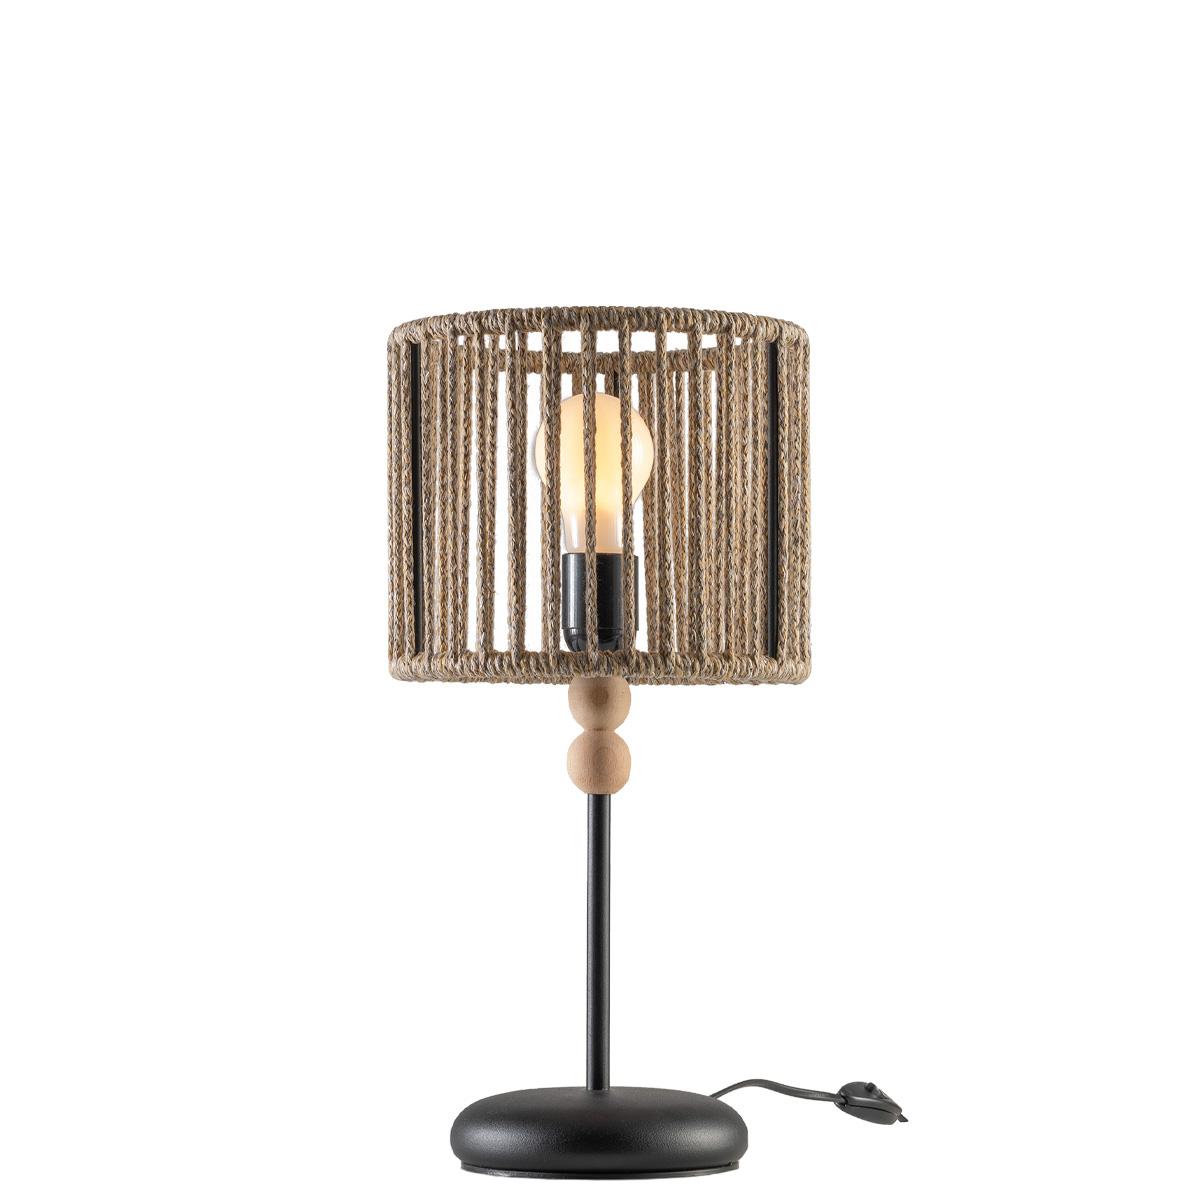 Πορτατίφ από υφασμάτινο κορδόνι KELLY rope-woven table lamp